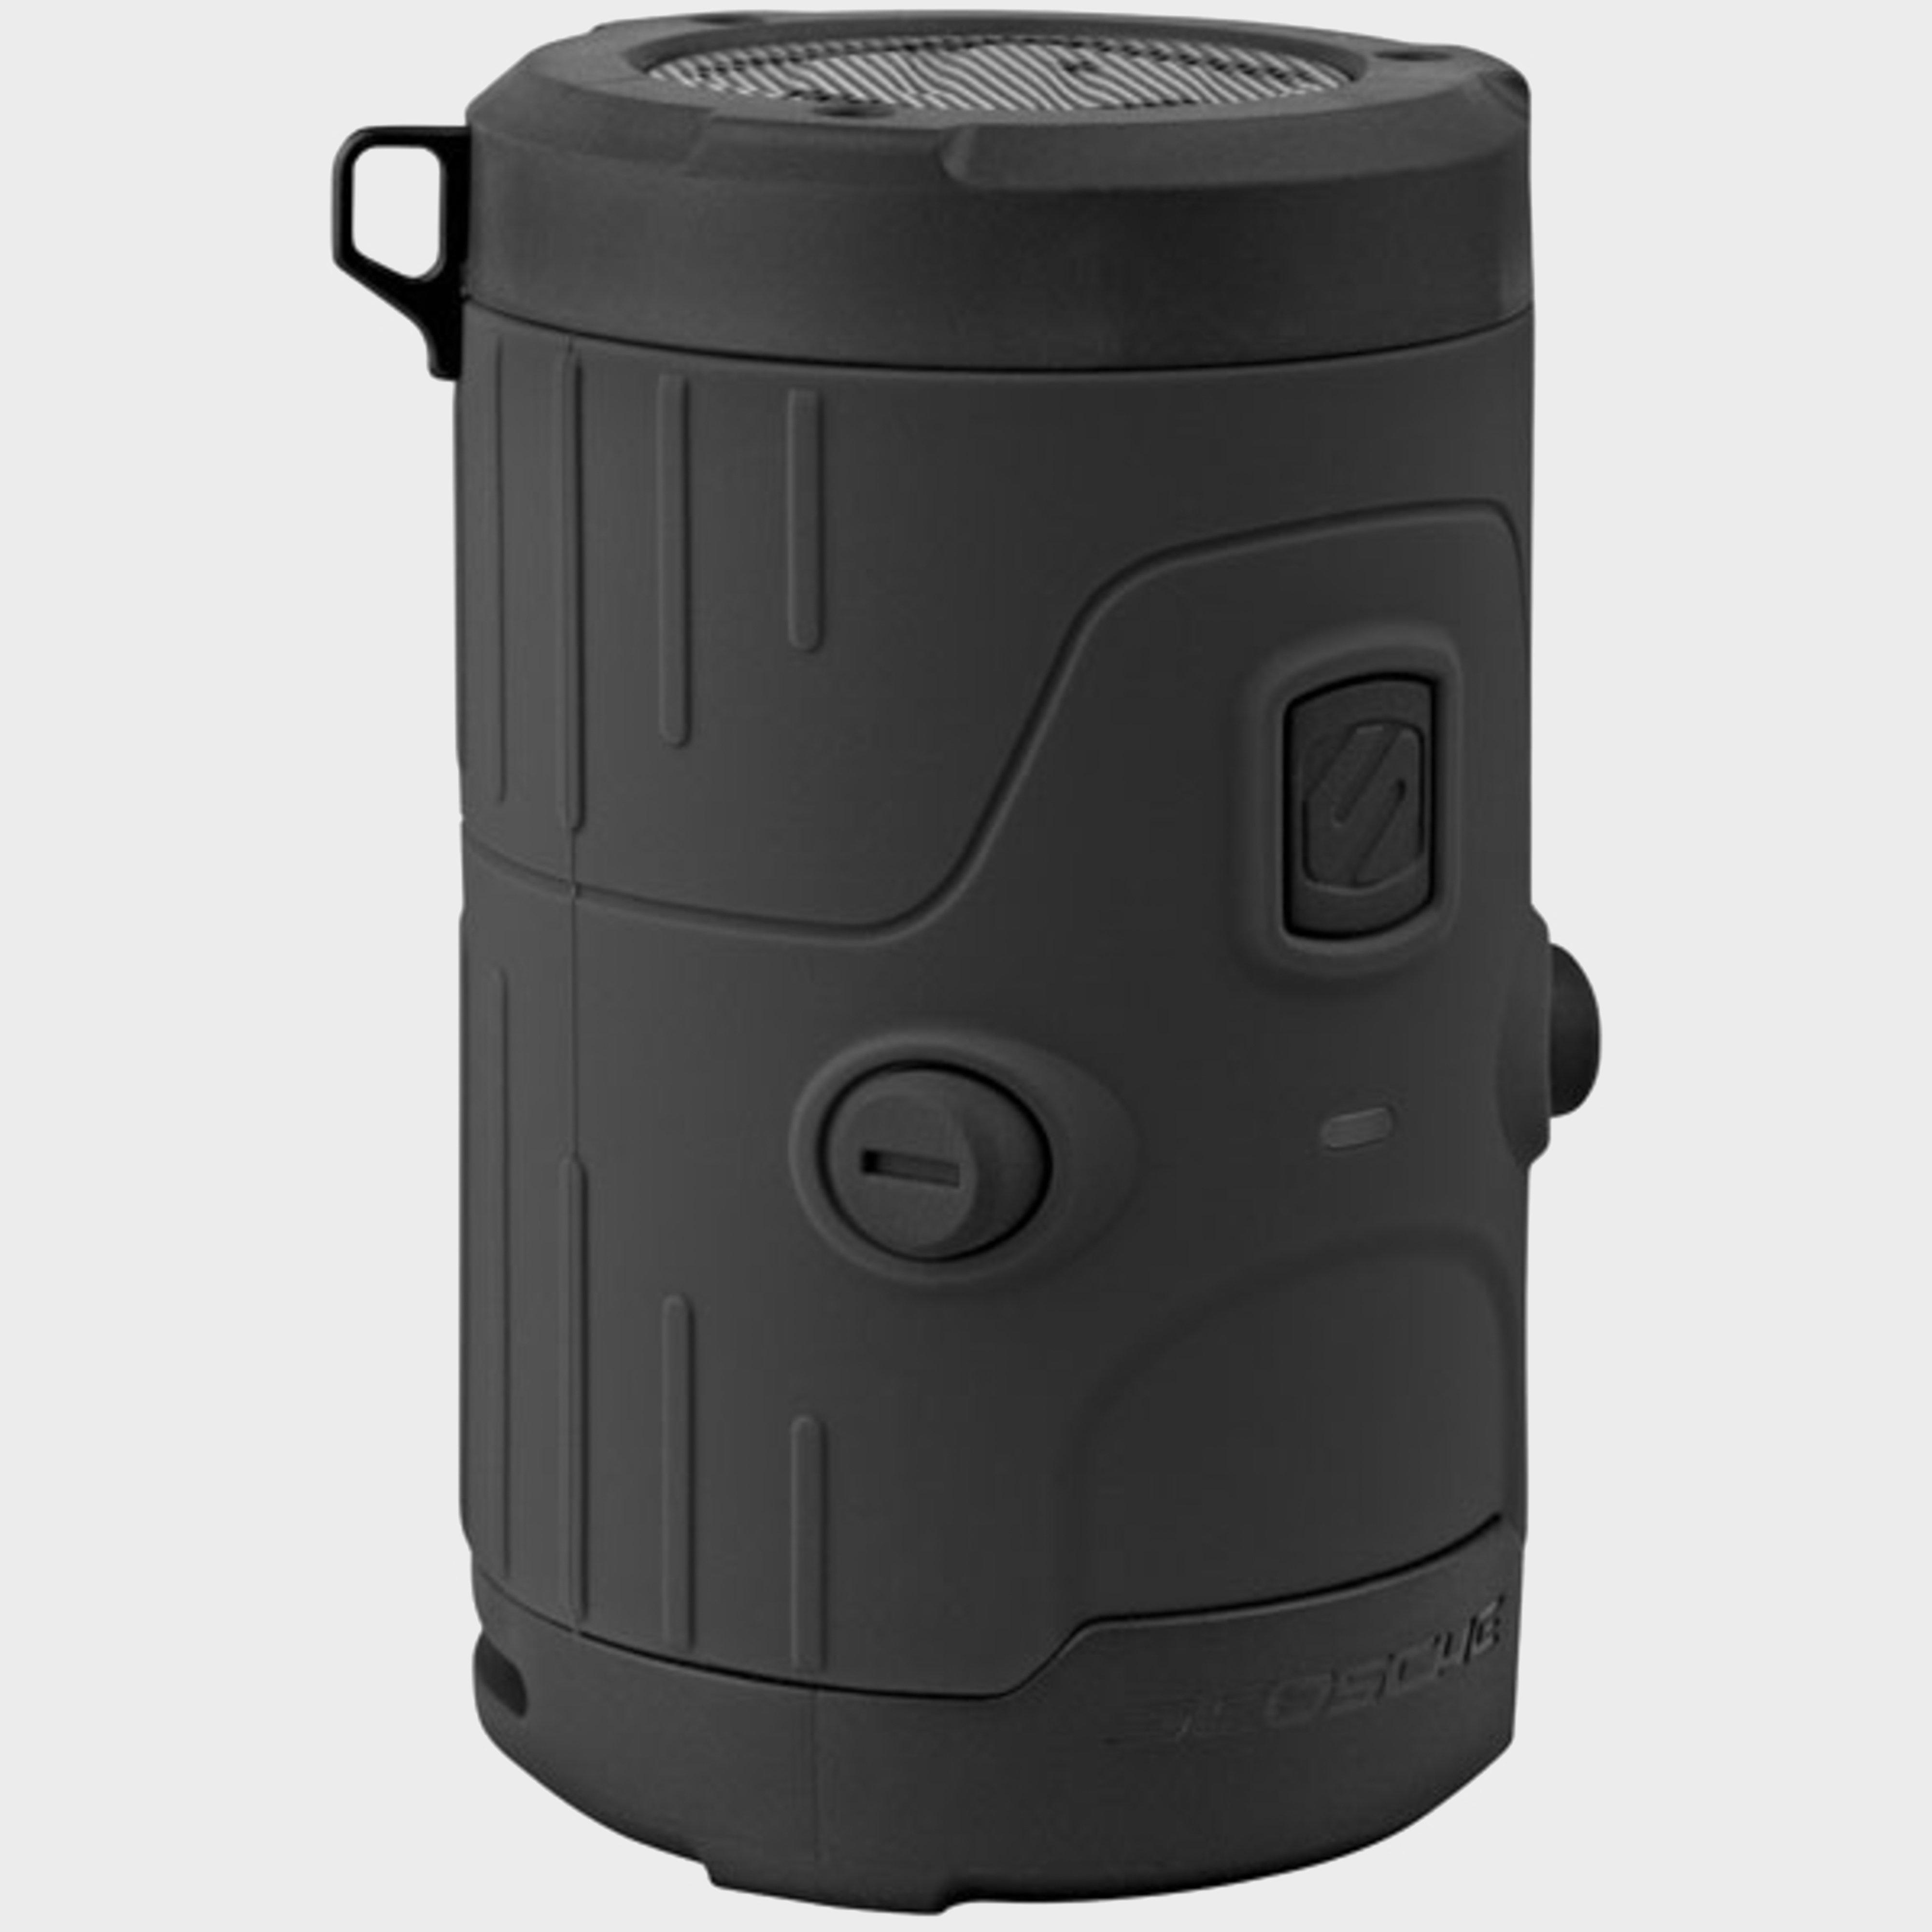 Scosche boomBOTTLE H2O Waterproof Wireless Speaker - Yell, Black/SPEAKER